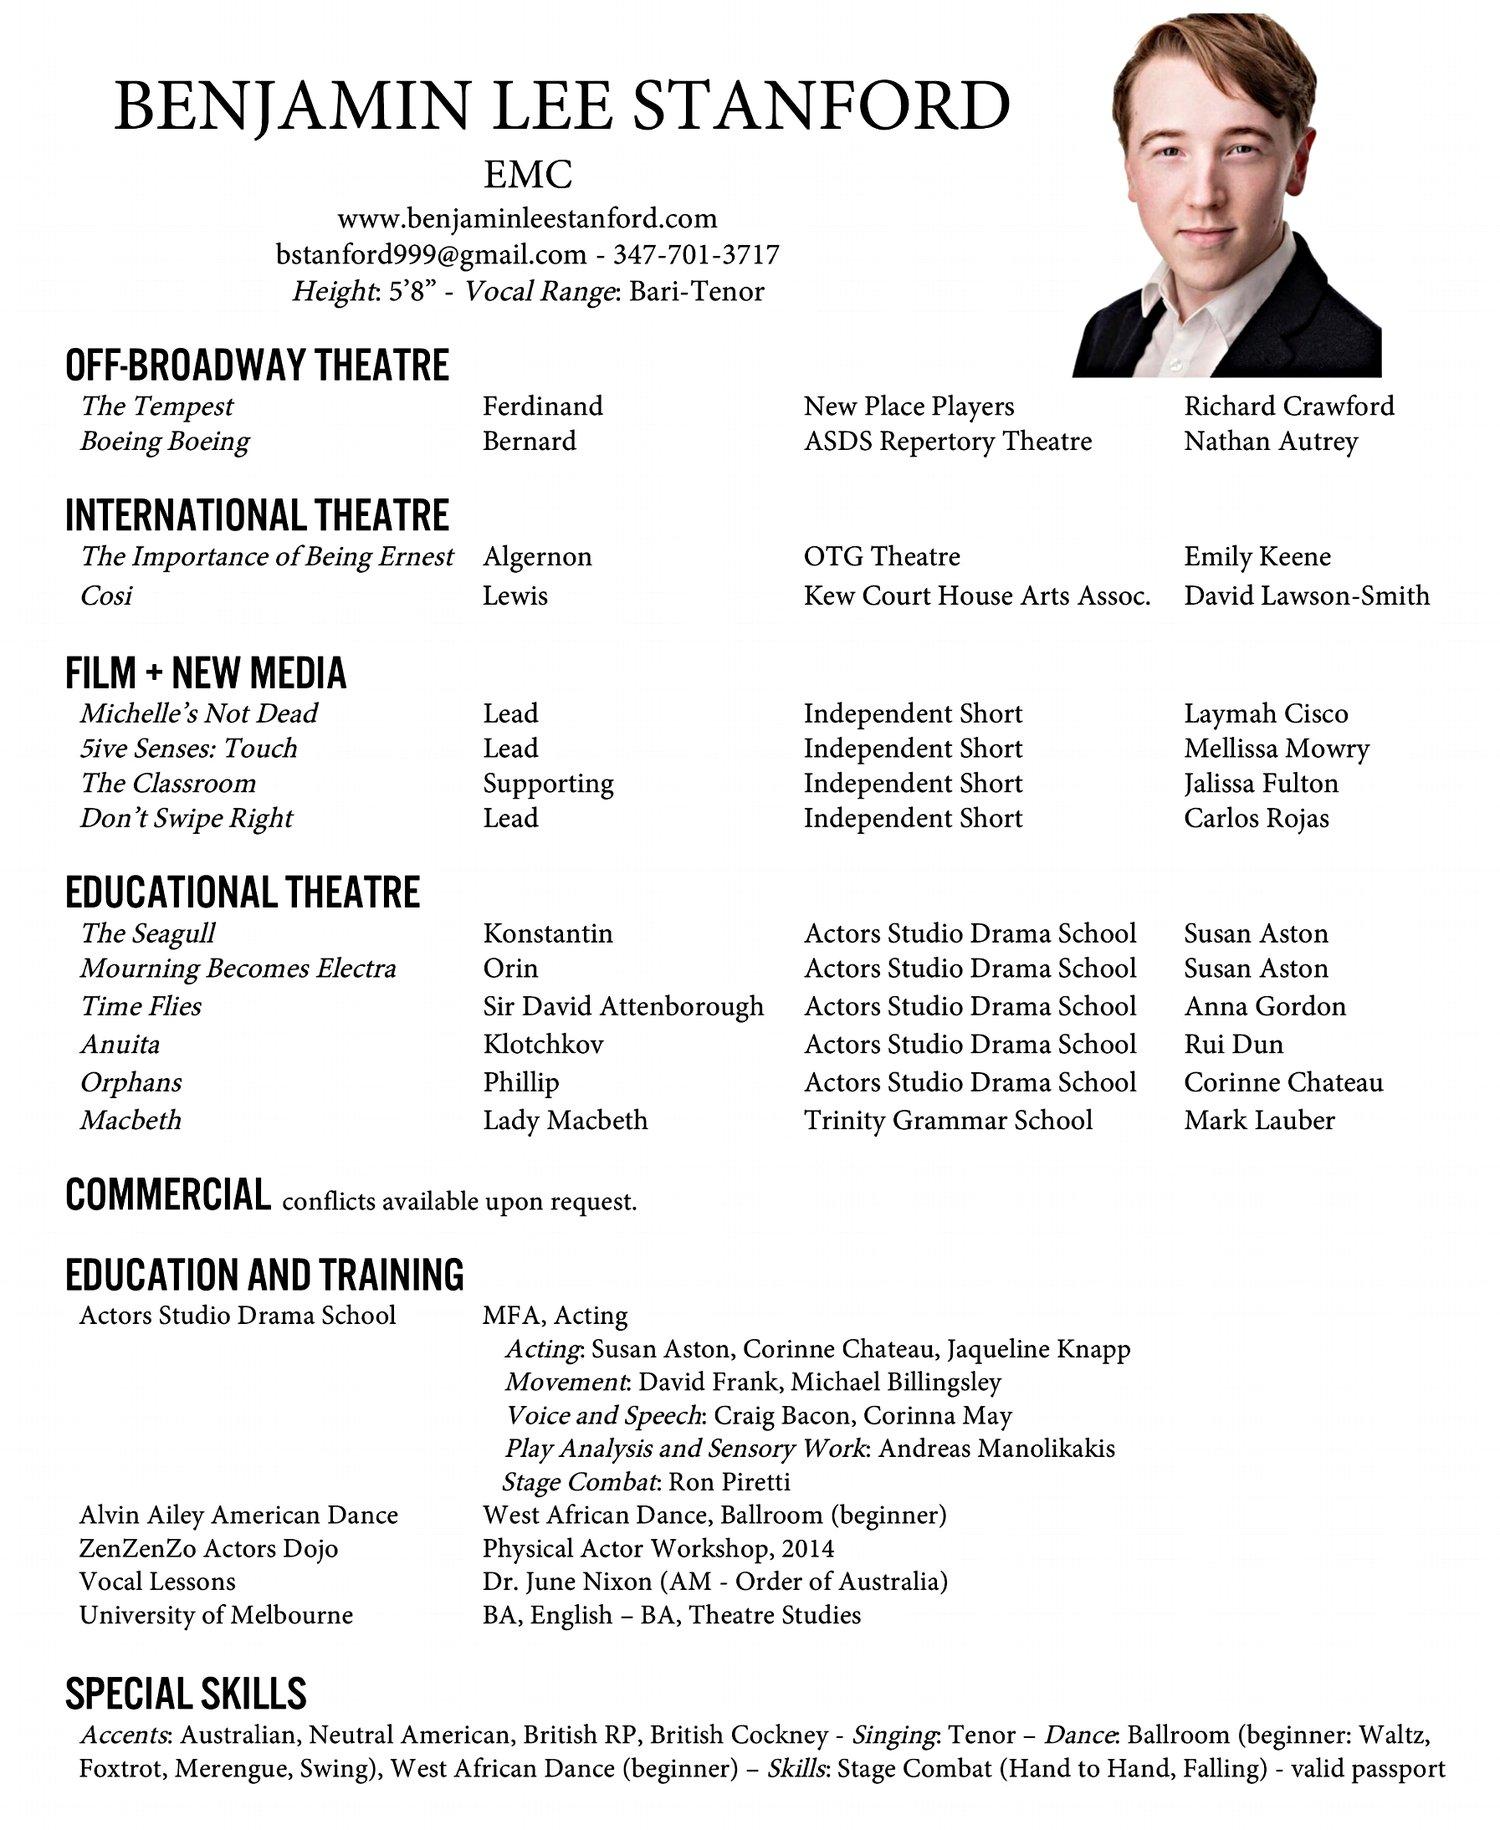 Resume+-+Benjamin+Lee+Stanford-page-001.jpg